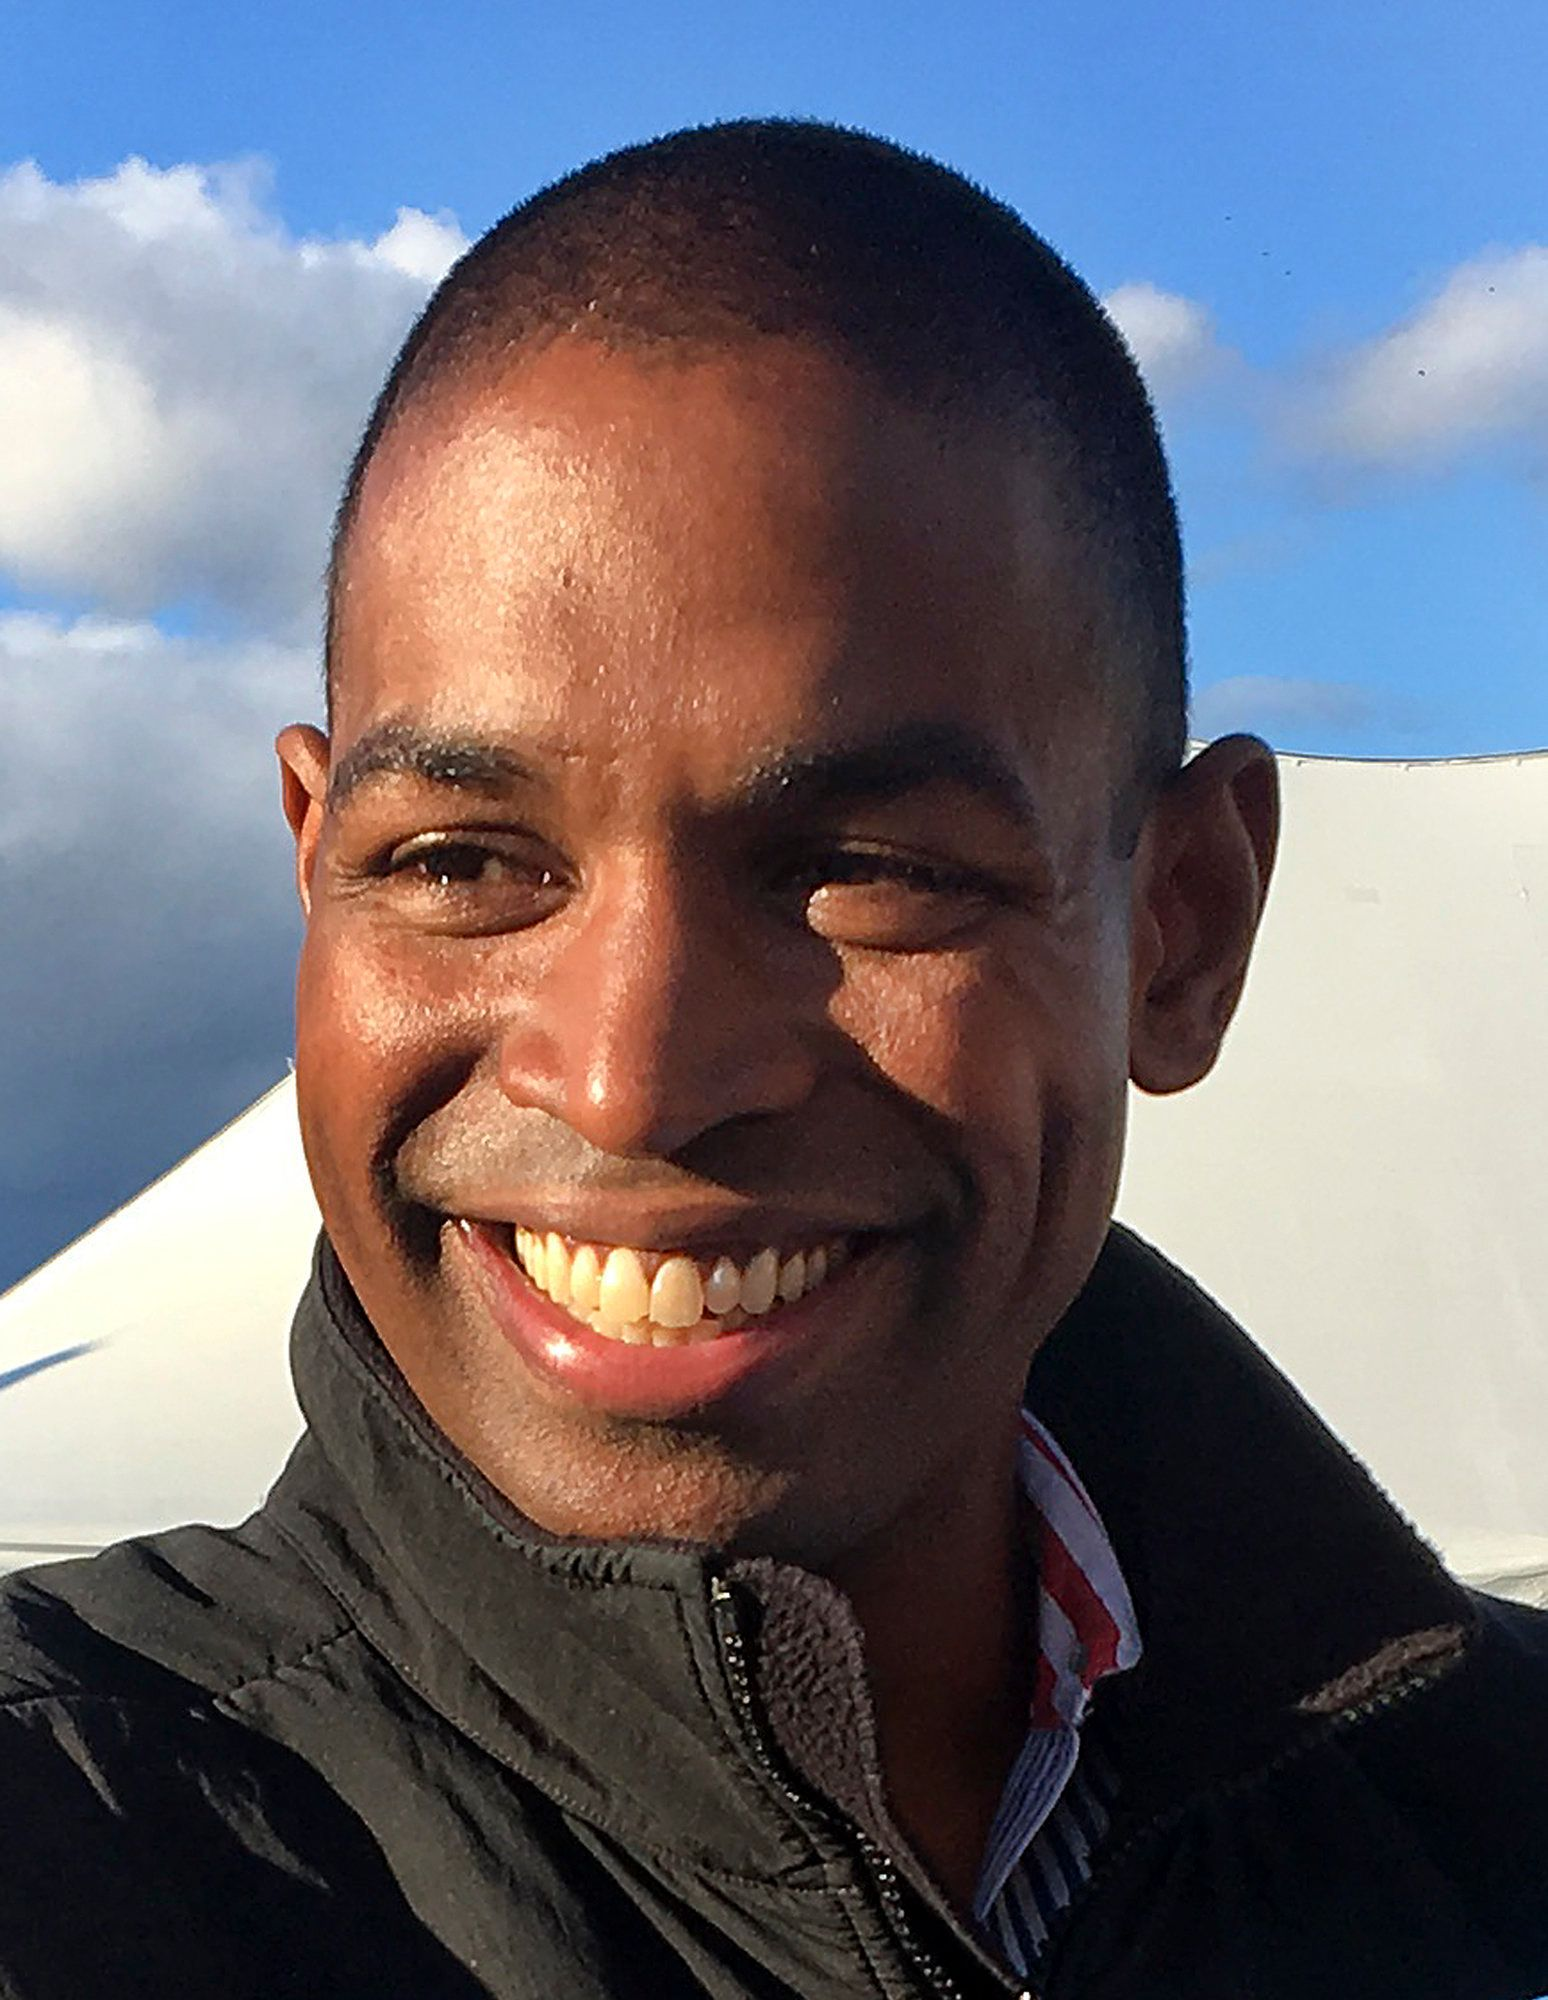 NY Post Calls Black Rhodes Scholar And Harvard Law Grad 'Rapping Dem'